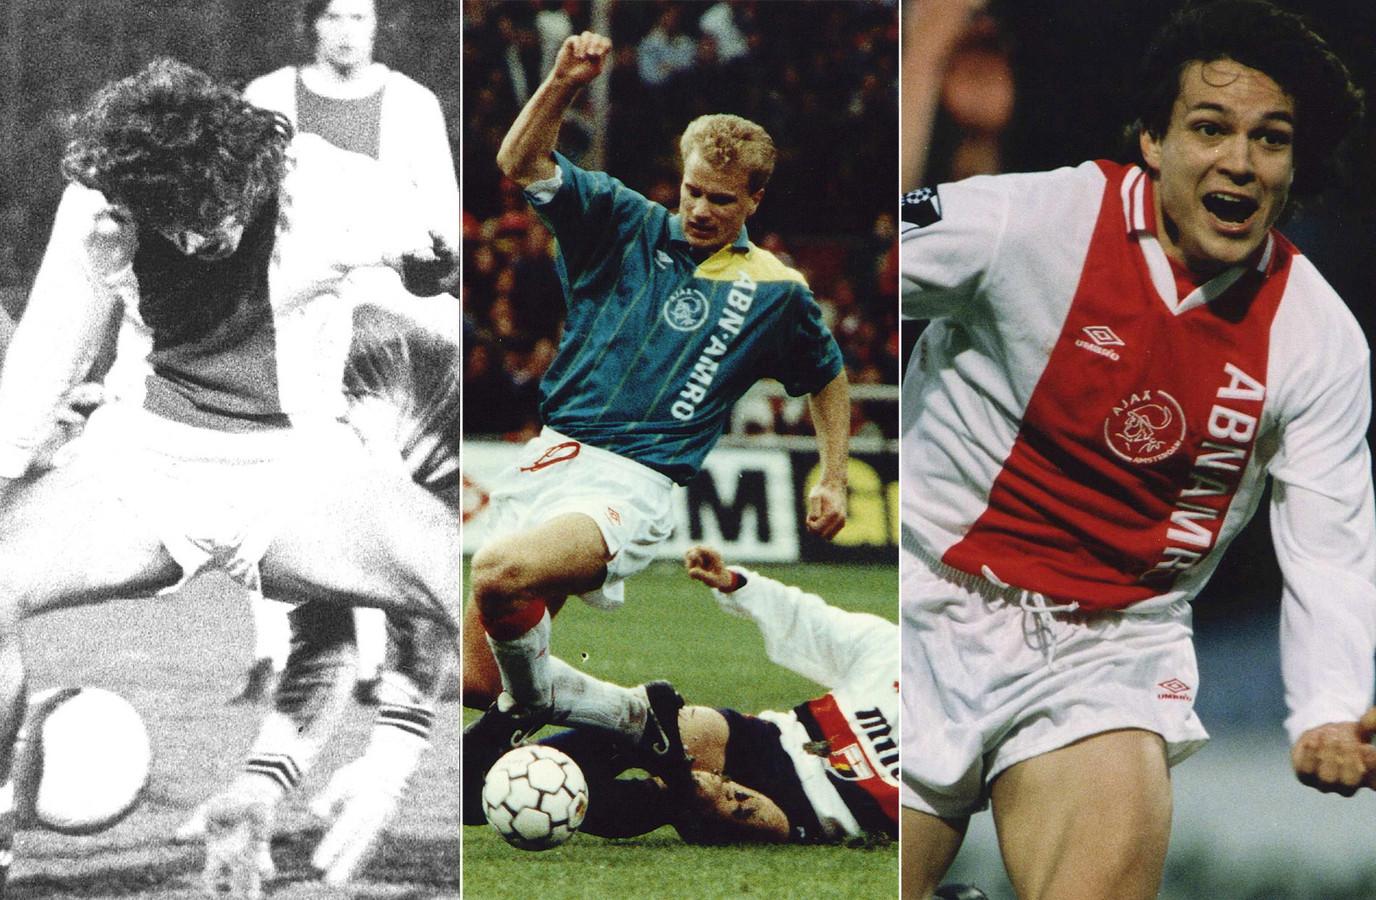 Rustig genieten van de halve finales van Ajax Ajax